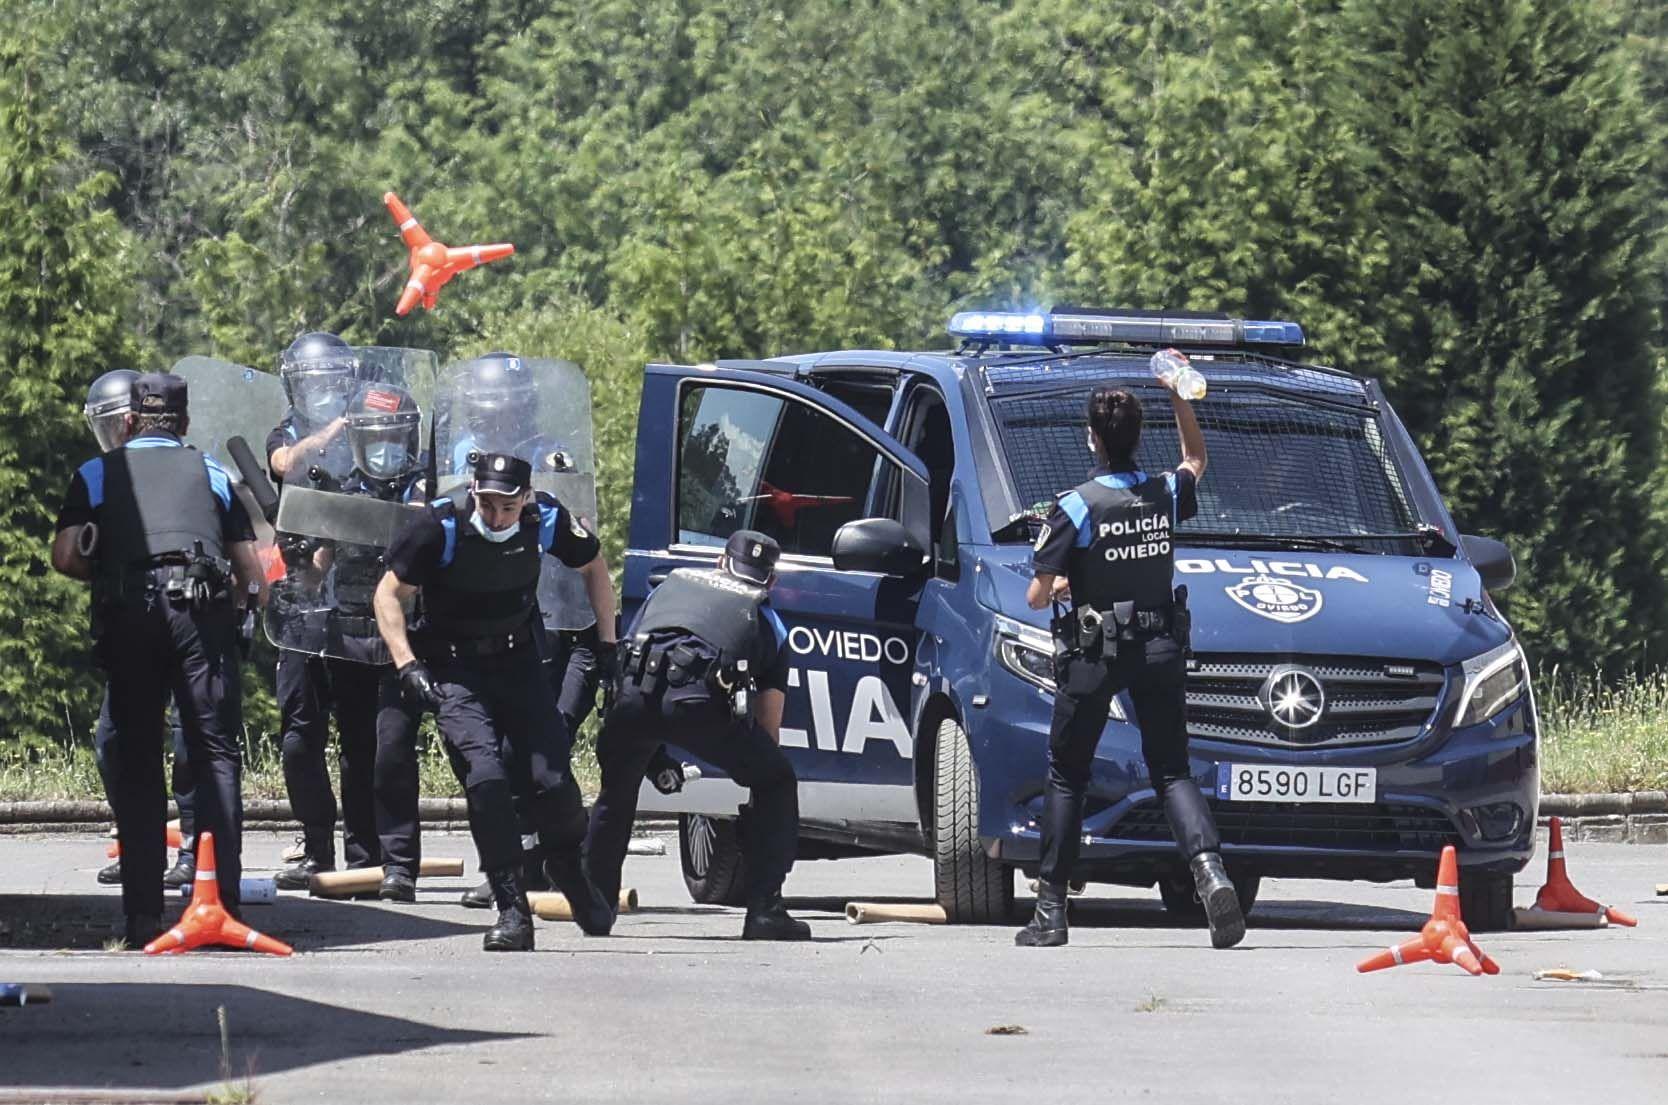 Los agentes simulando un ataque con objetos como el del Paraguas.